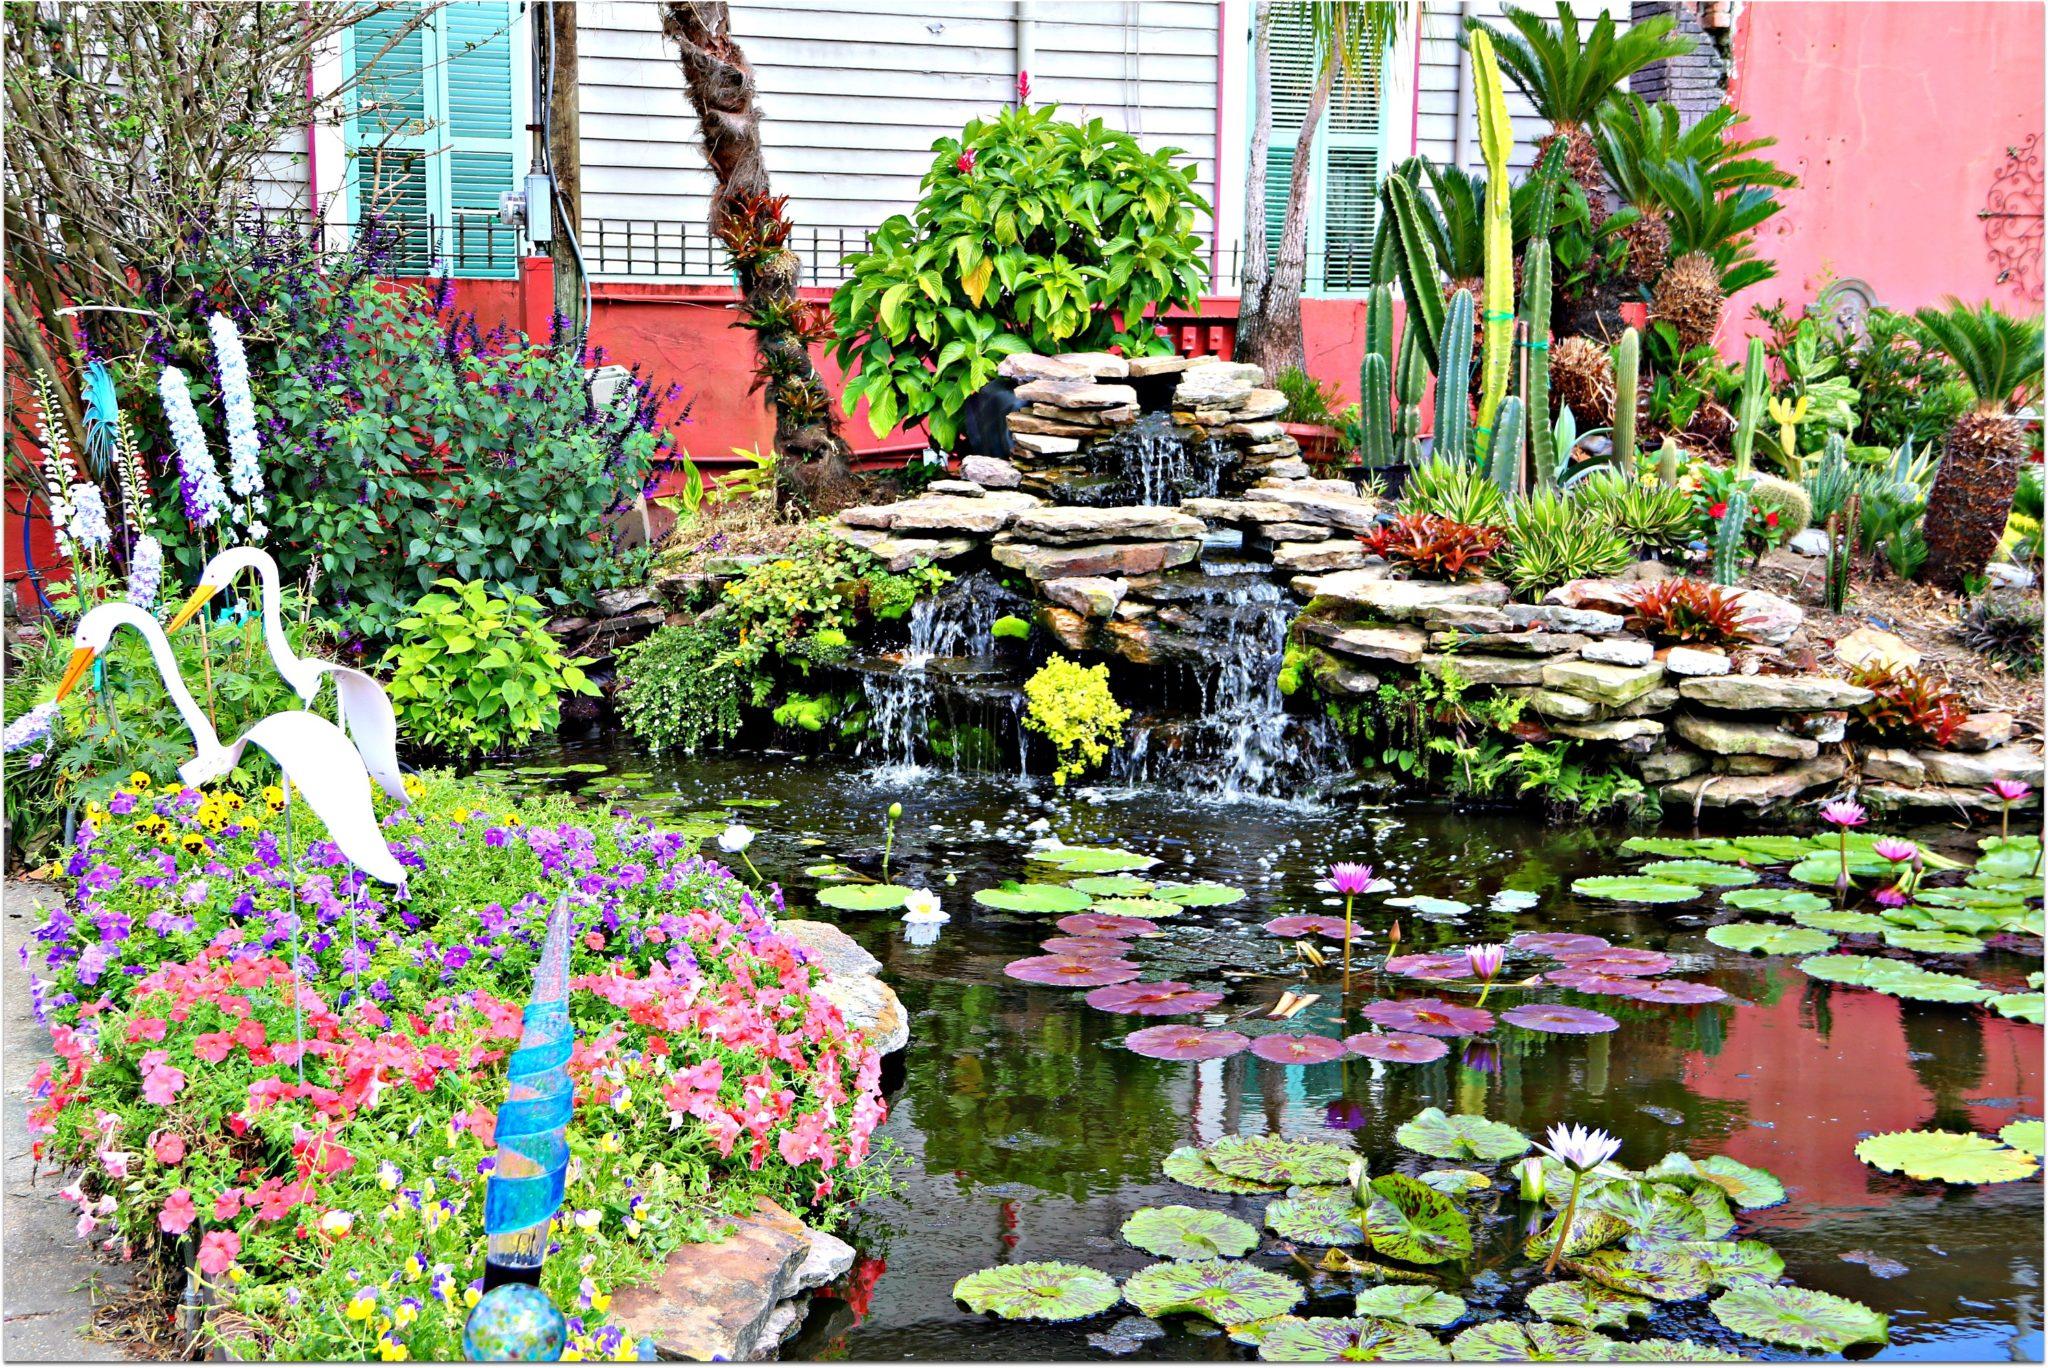 Aquatic Gardens Falls And Pond New Orleans French Quarter Condos